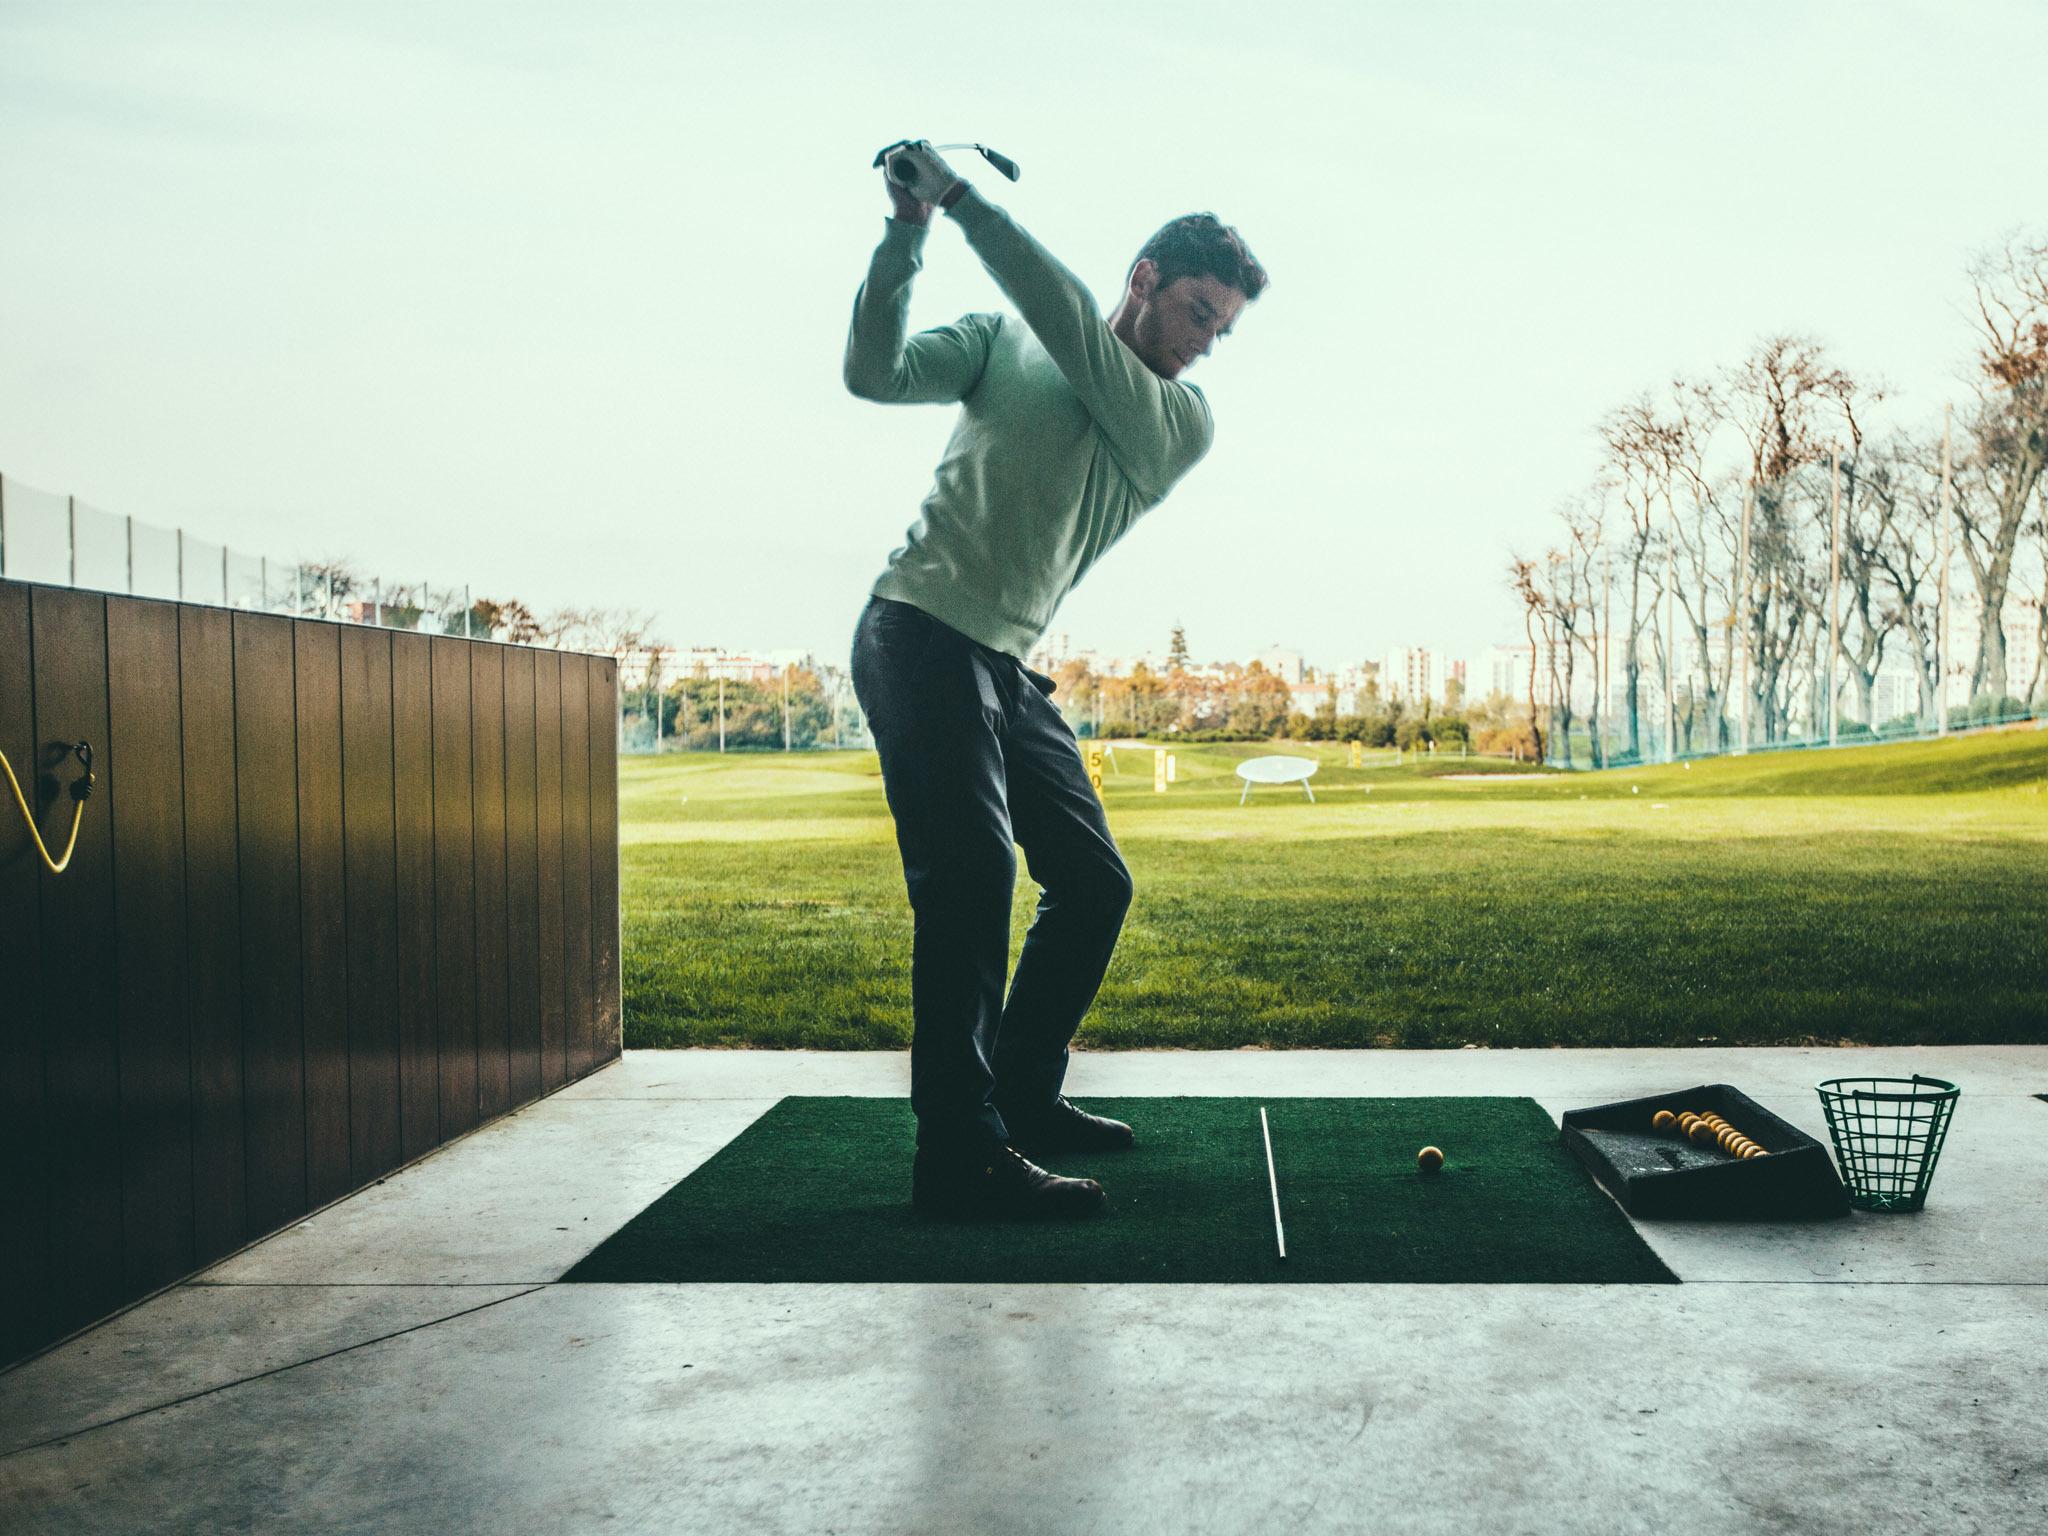 Academia de Golfe Lisboa - Driving Range